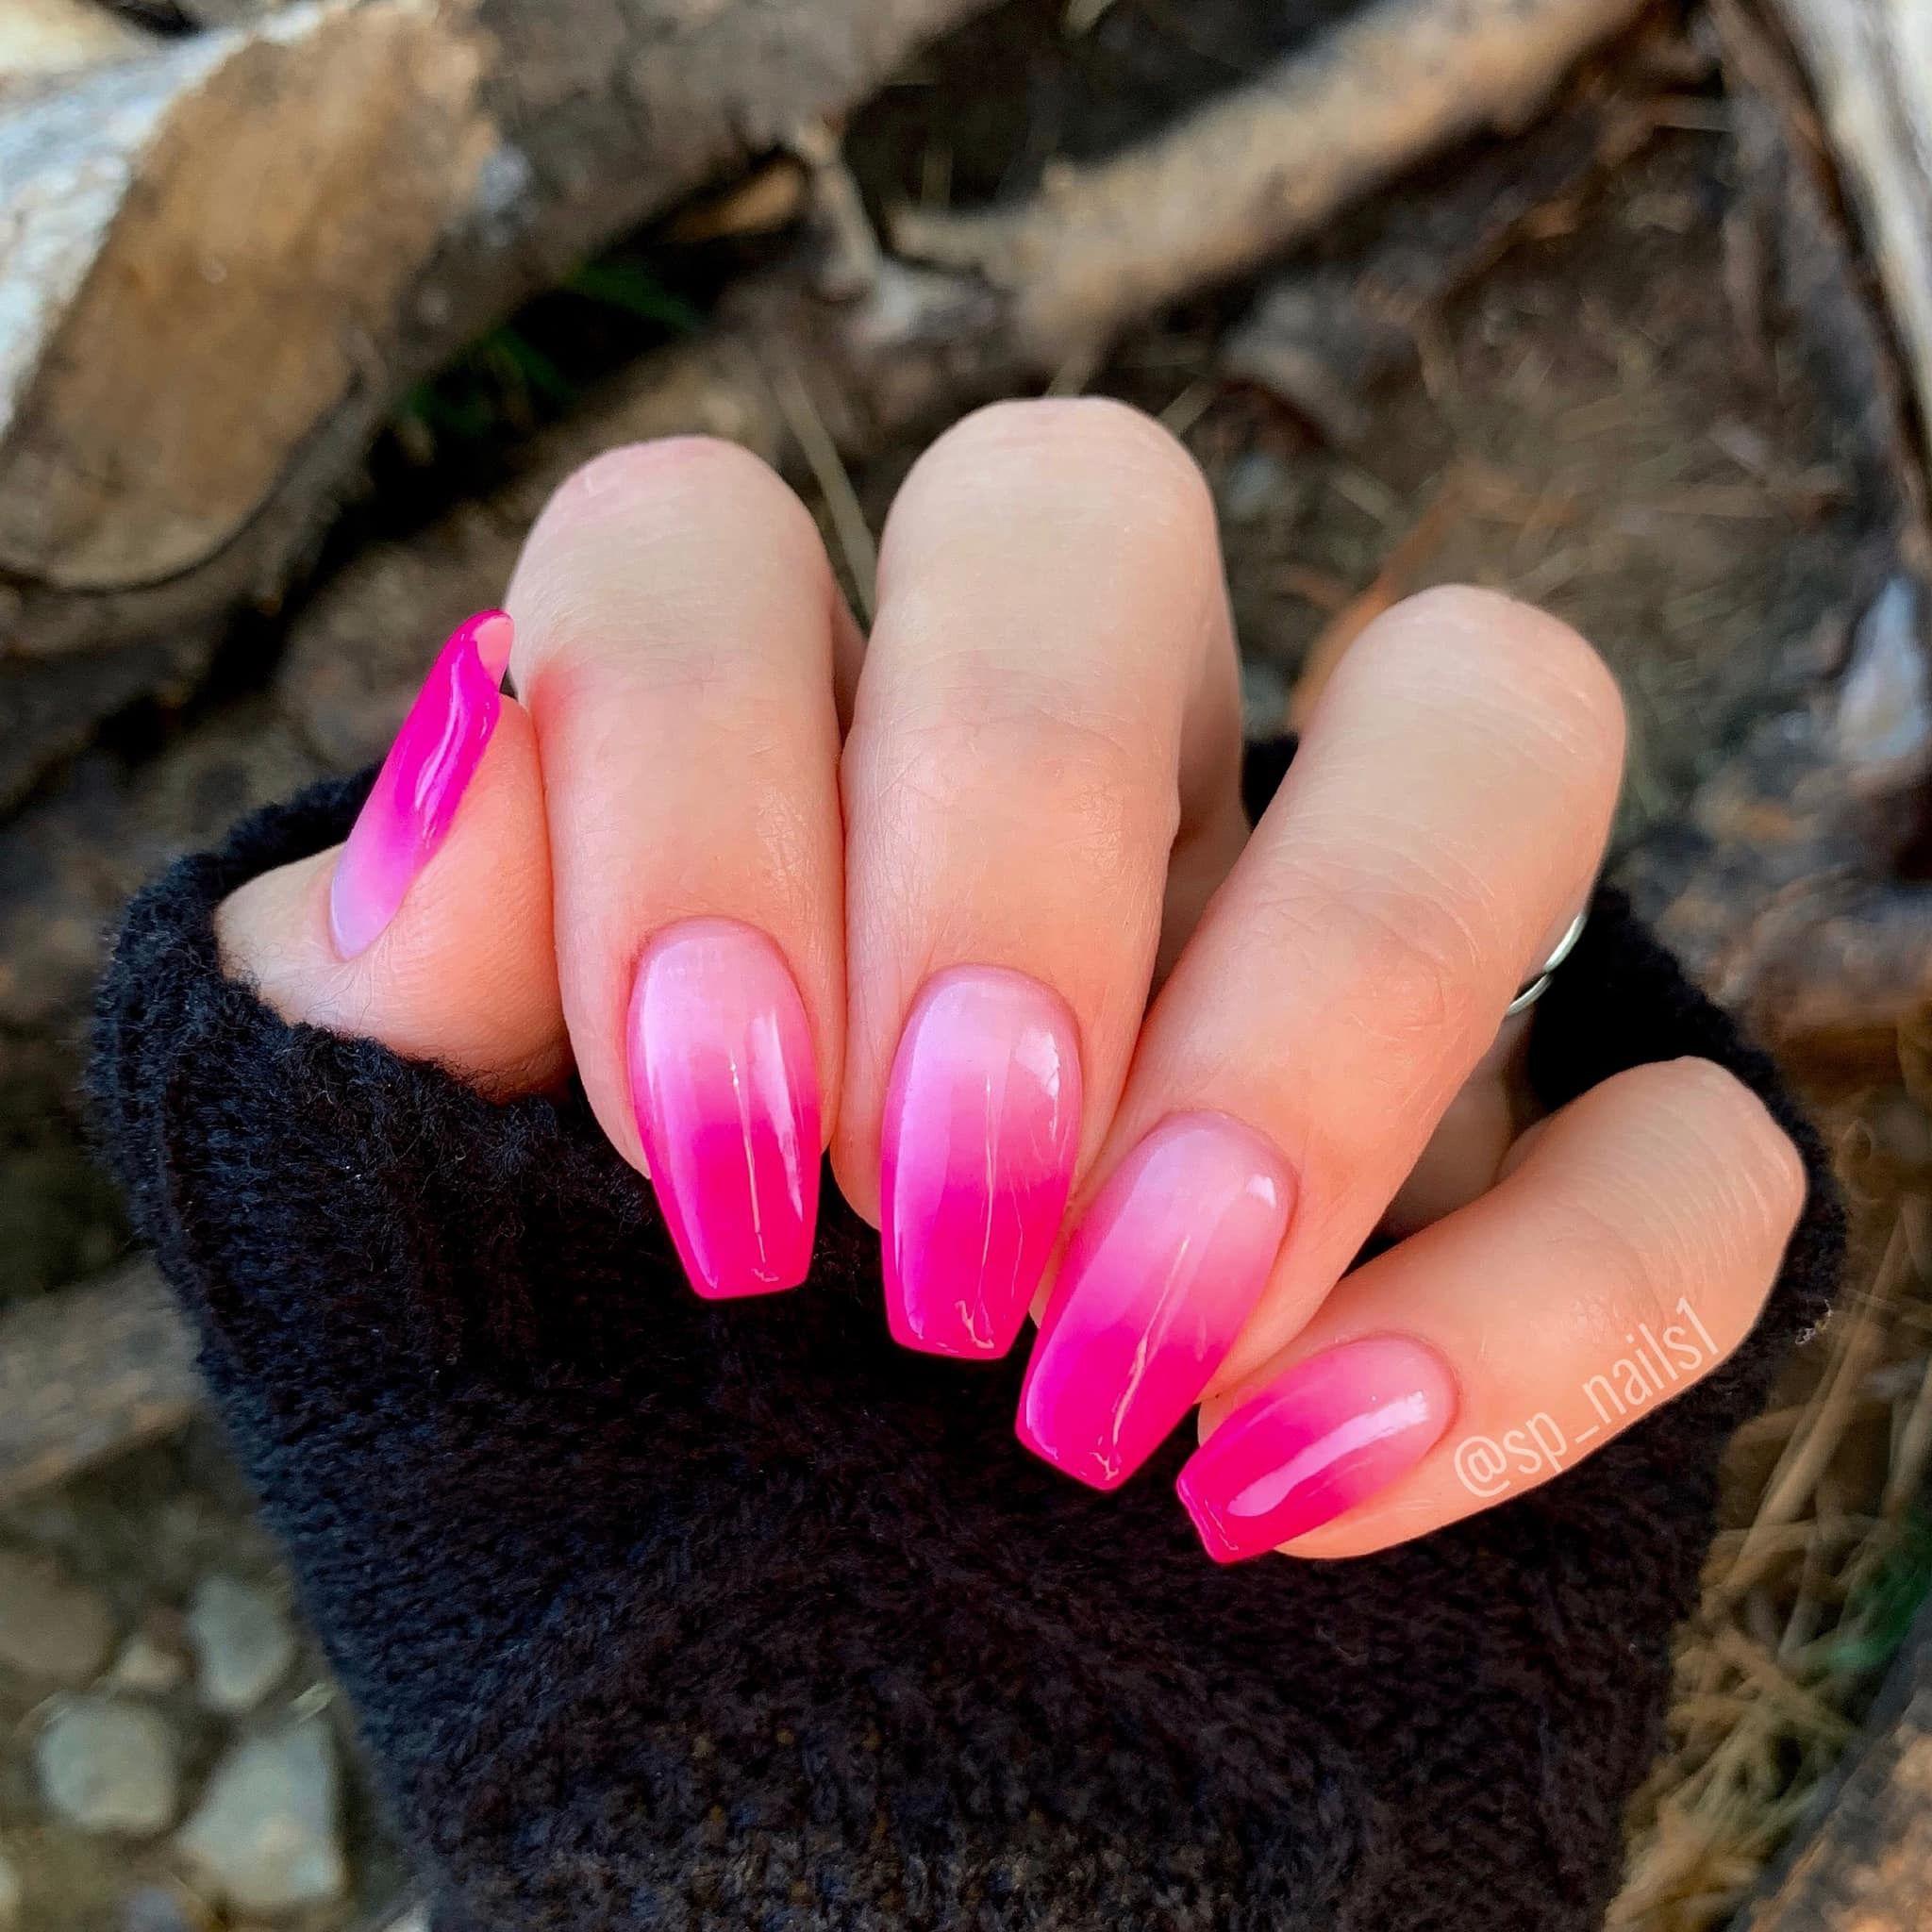 Dip Powder Nails Revel Nail Dip Powder Pink Ombre Nails Ombre Nails Glitter Hot Pink Nails